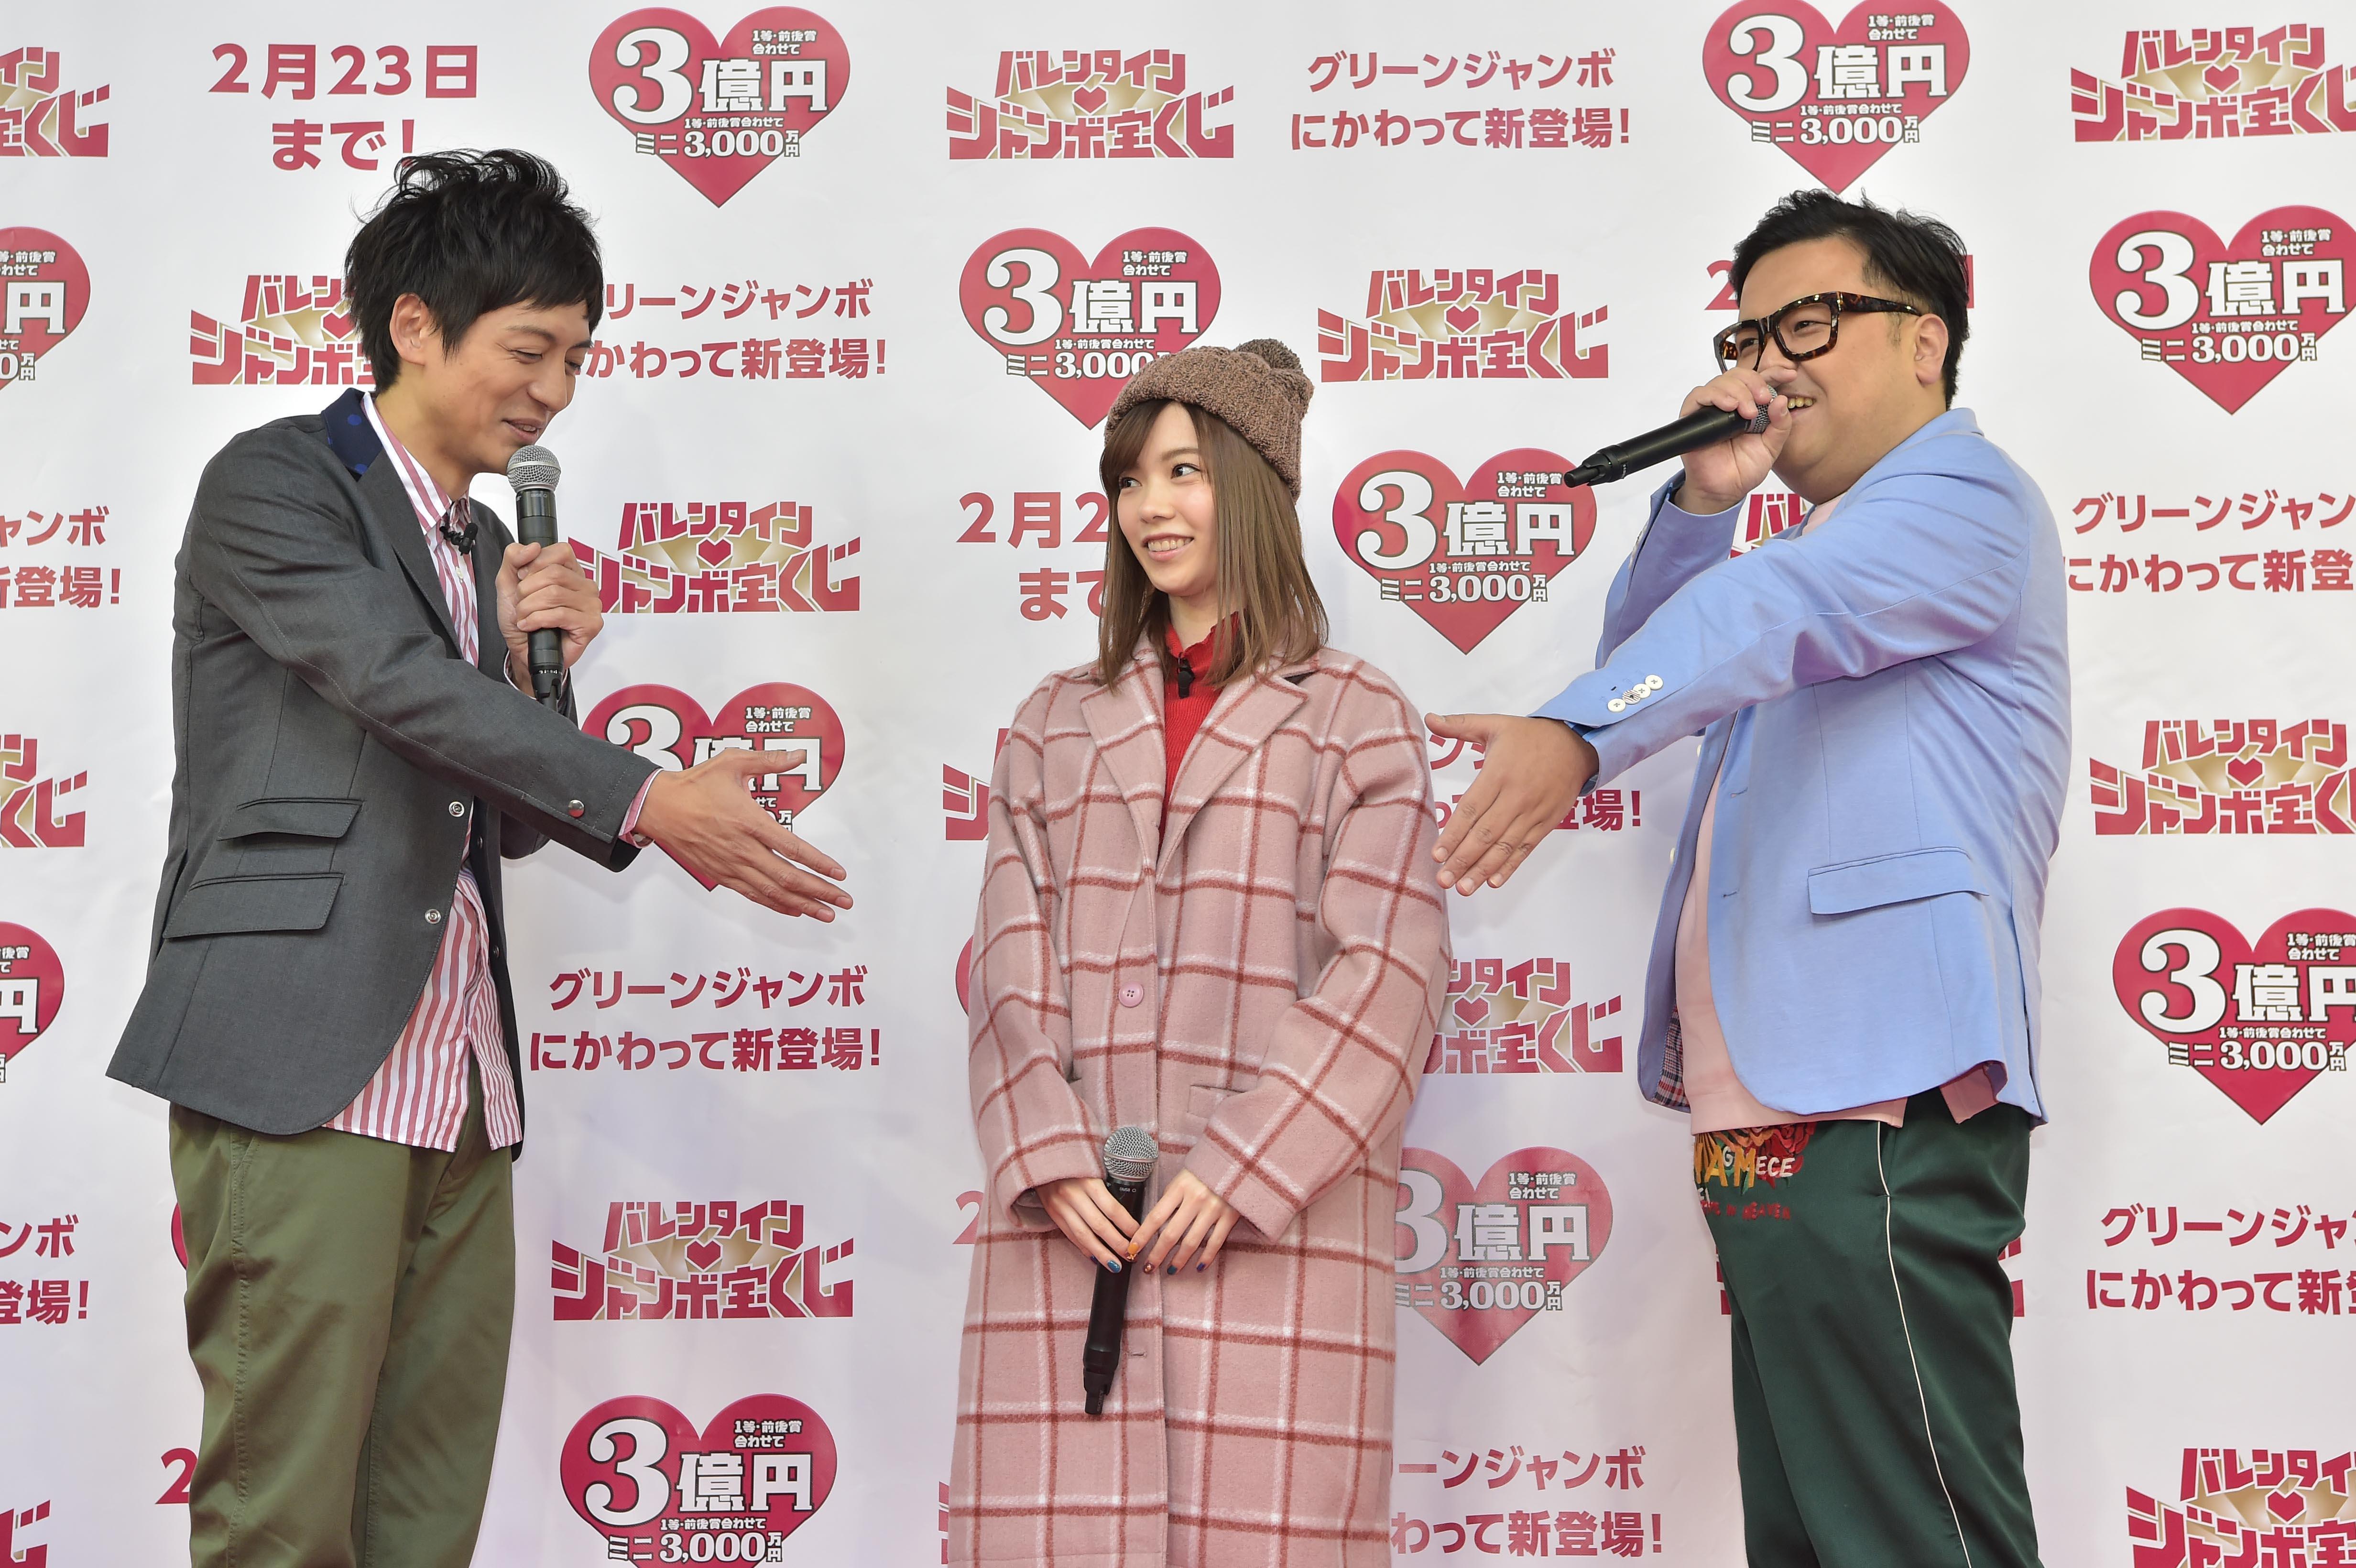 http://news.yoshimoto.co.jp/20180208171919-48250f93894ac9fc68a5fd015347c03cc8d4dcb3.jpg